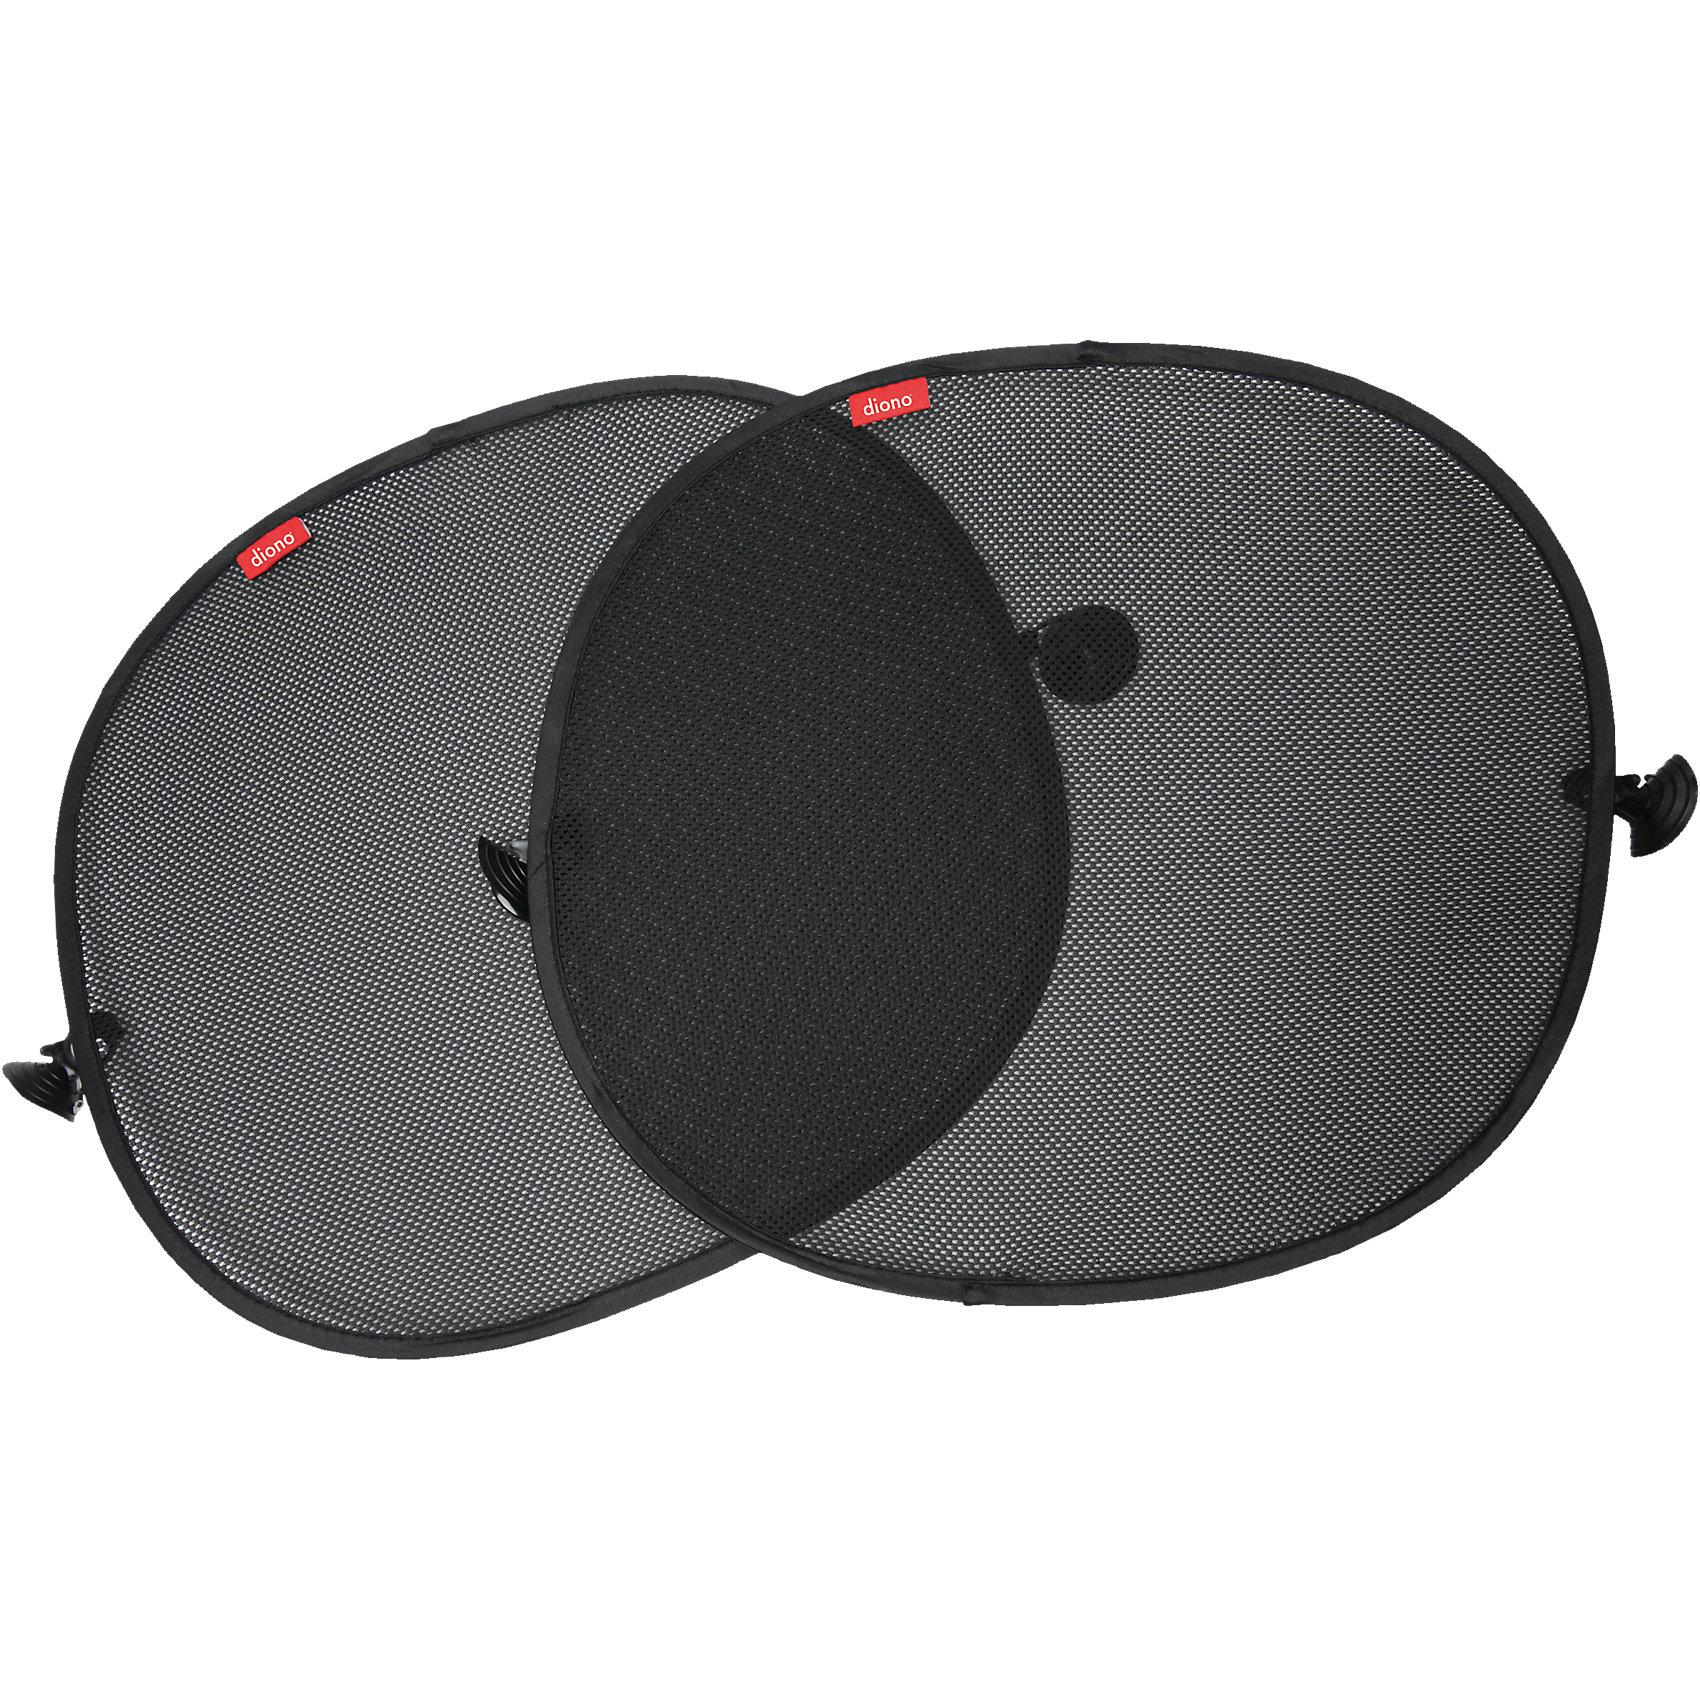 Комплект из 2-х шторок от солнца Sun Stoppers, DionoАксессуары<br>Комплект из 2-х шторок от солнца для боковых стекол автомобиля создан для улучшения комфорта поездки для вашего ребёнка. Шторки легко крепятся и подойдёт для окон любого автомобиля. Ребёнок легко сможет ими пользоваться, благодаря самораскрывающейся конструкции. <br> <br>В комплект входит:<br>- 2 шторки от солнца, размером 42*44 см<br><br>Дополнительная информация:<br>-Марка: Diono<br><br>Комплект из 2-х шторок от солнца Sun Stoppers, Diono вы можете приобрести в нашем интернет-магазине.<br><br>Ширина мм: 186<br>Глубина мм: 170<br>Высота мм: 37<br>Вес г: 160<br>Цвет: черный<br>Возраст от месяцев: 0<br>Возраст до месяцев: 36<br>Пол: Унисекс<br>Возраст: Детский<br>SKU: 5089860